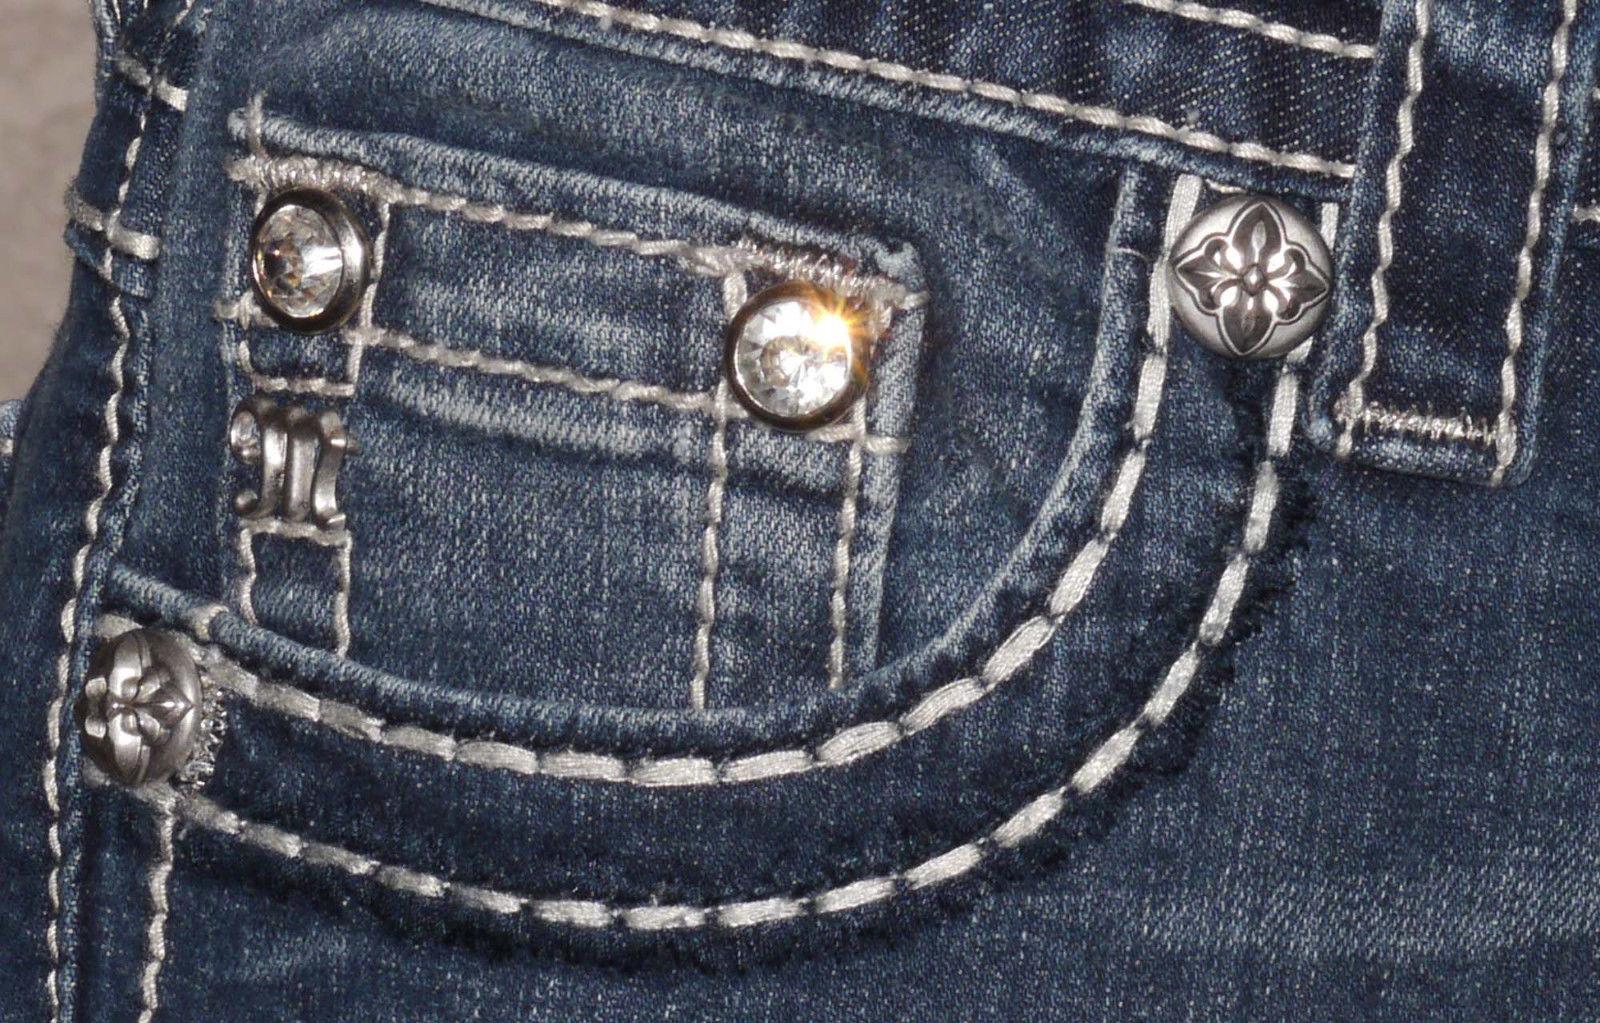 Miss Me Women's Knight Armor Fleur De Lis Boot Cut Jeans  (Several Sizes)